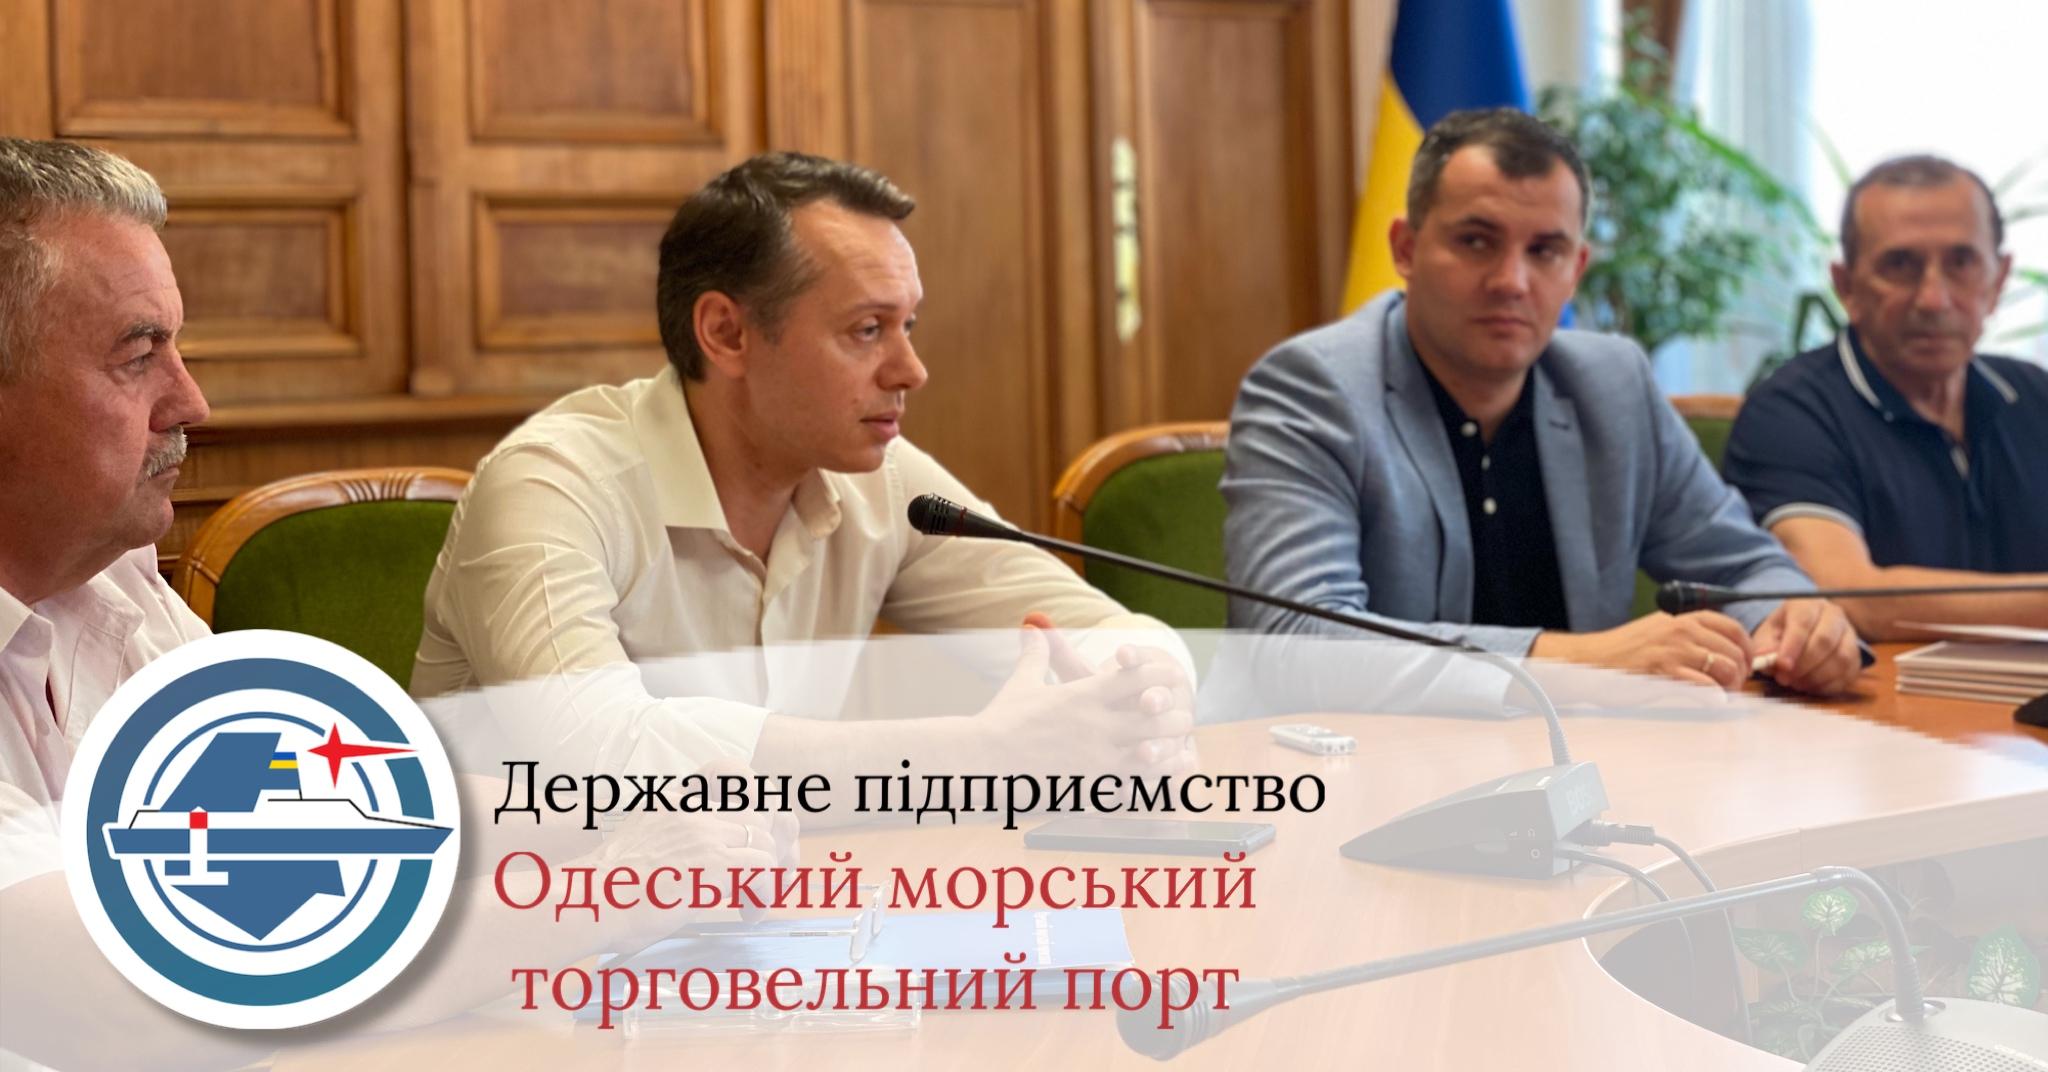 Важлива зустріч та підписання Меморандуму між ДП «Одеський порт» та Адміністрацією Одеського морського порту.